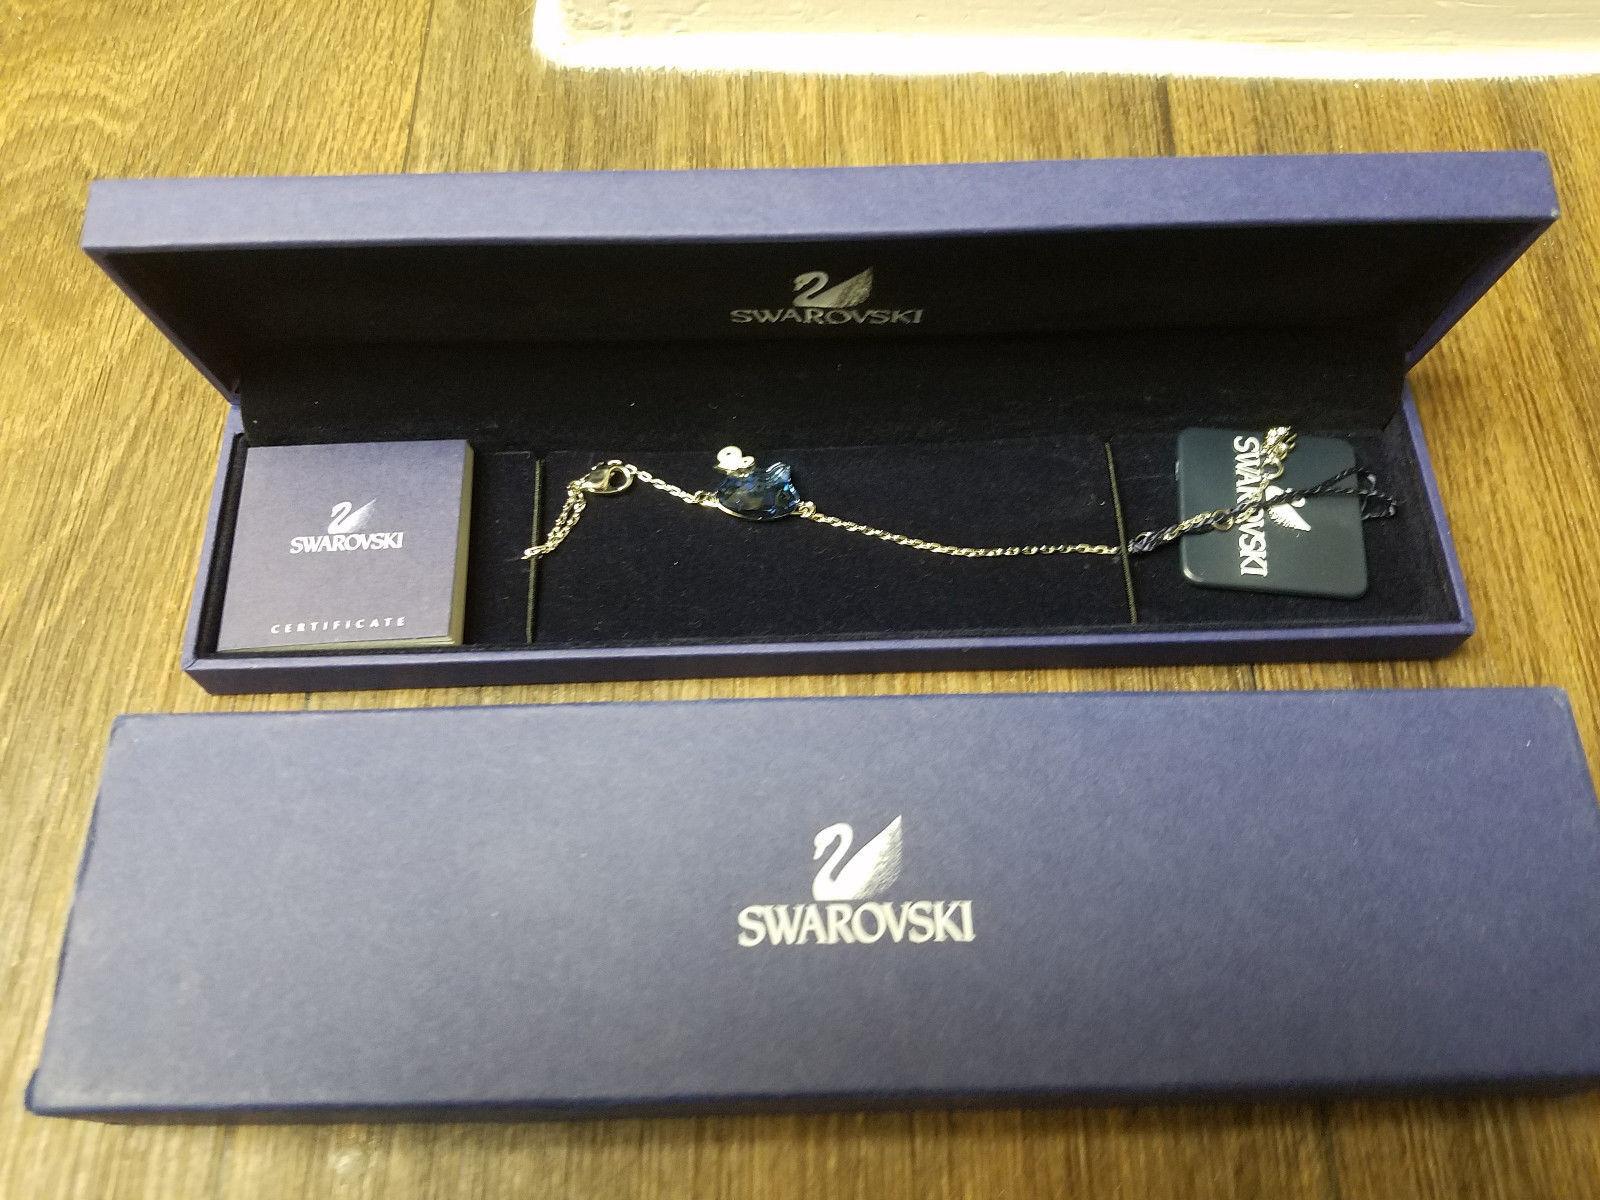 05a19ceca Genuine Swarovski Hello Kitty Crystal Bracelet - Boxed NEW ...